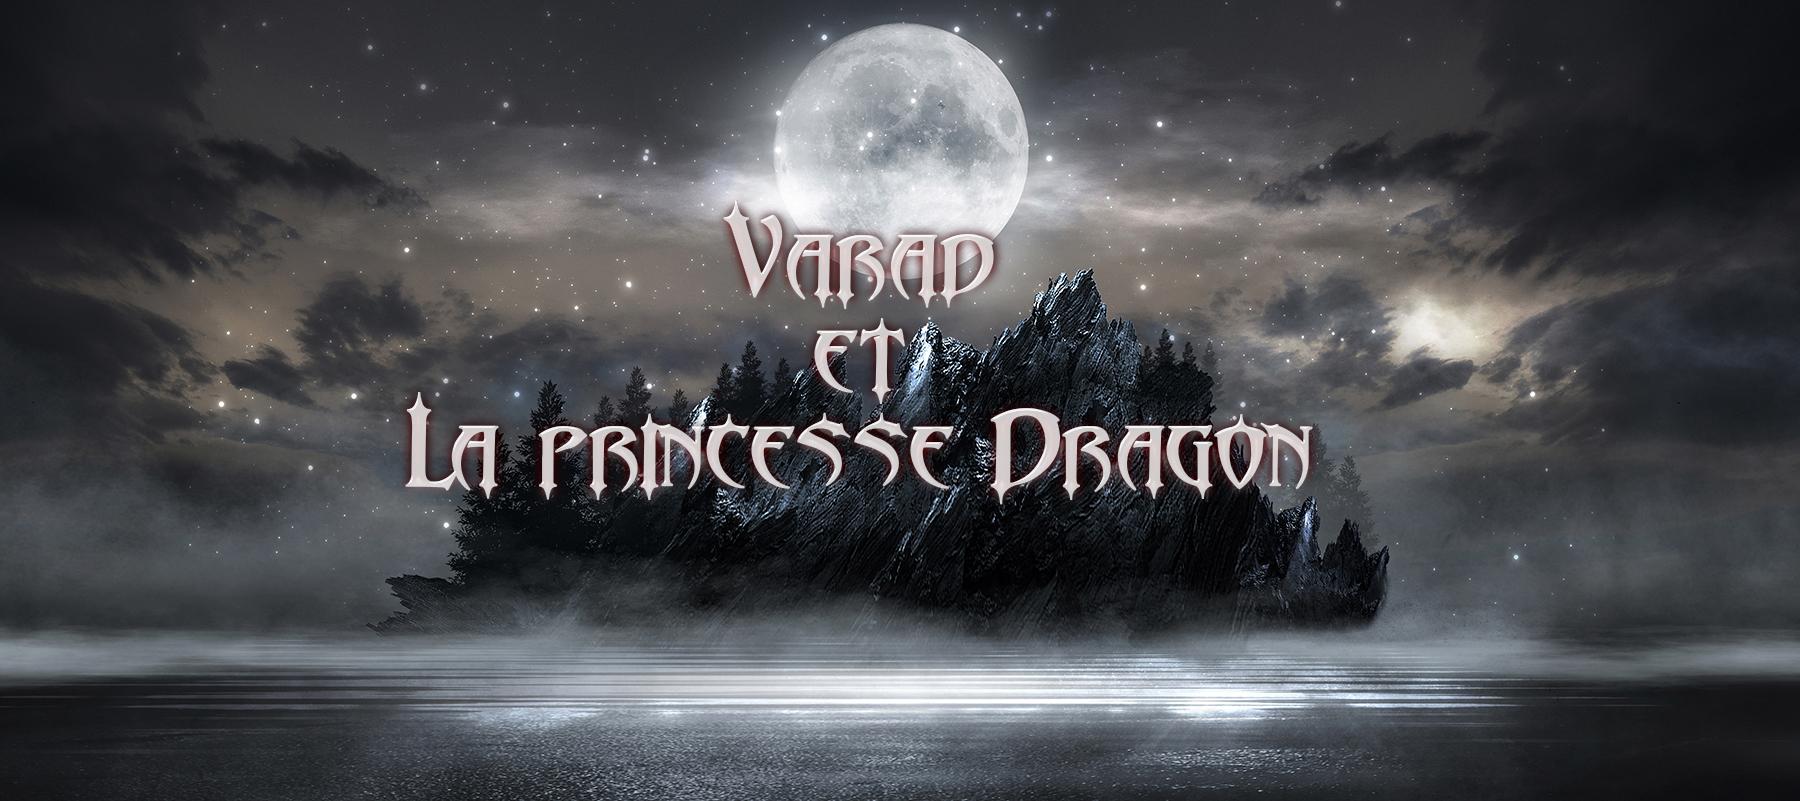 Varad-et-la-princesse-dragon